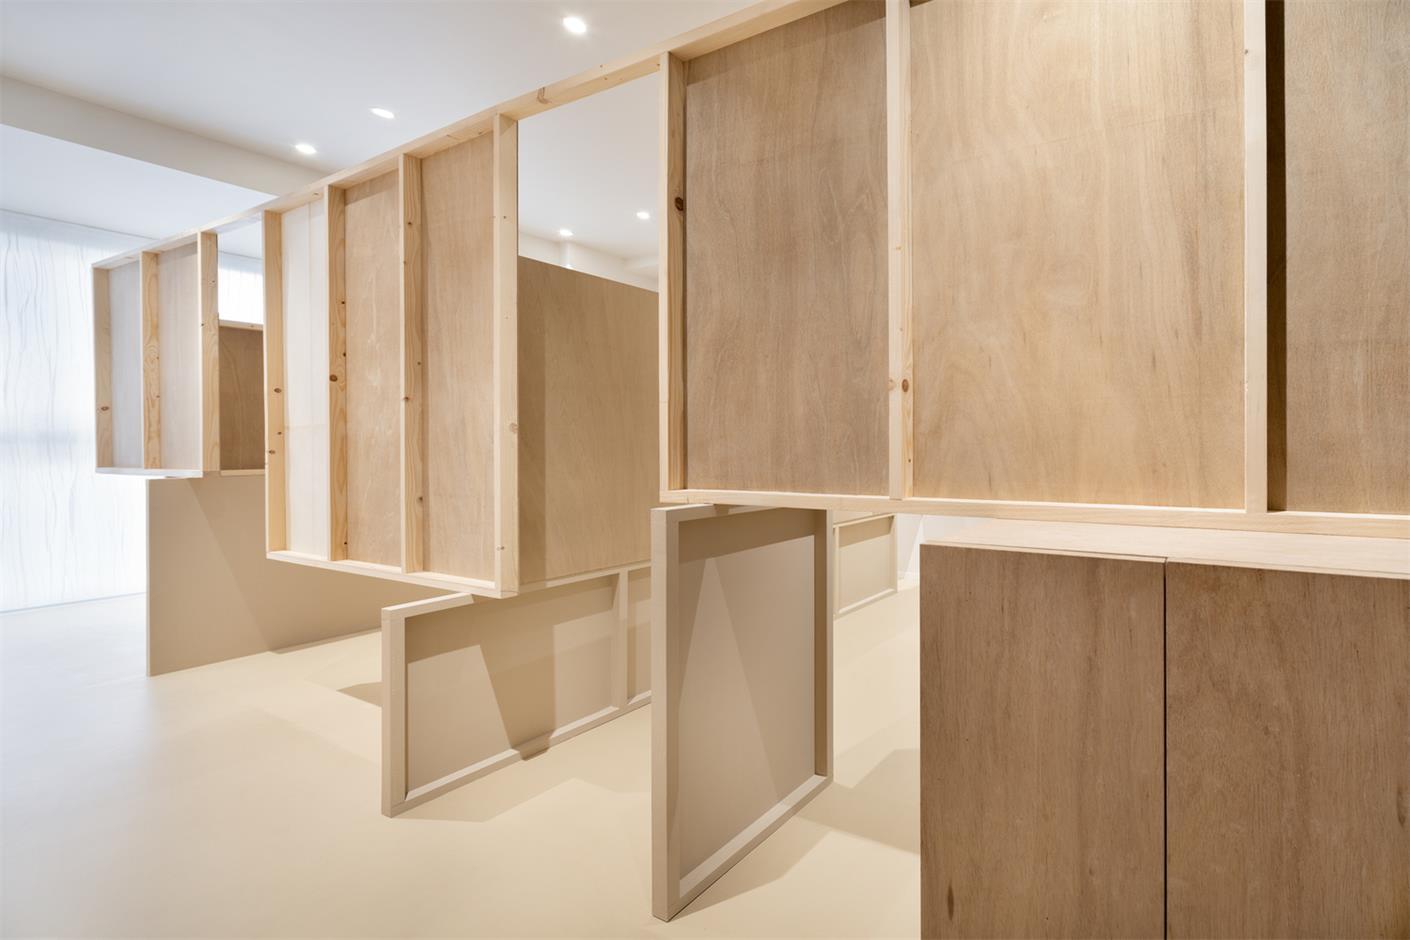 美甲美睫店包厢木质隔断墙设计